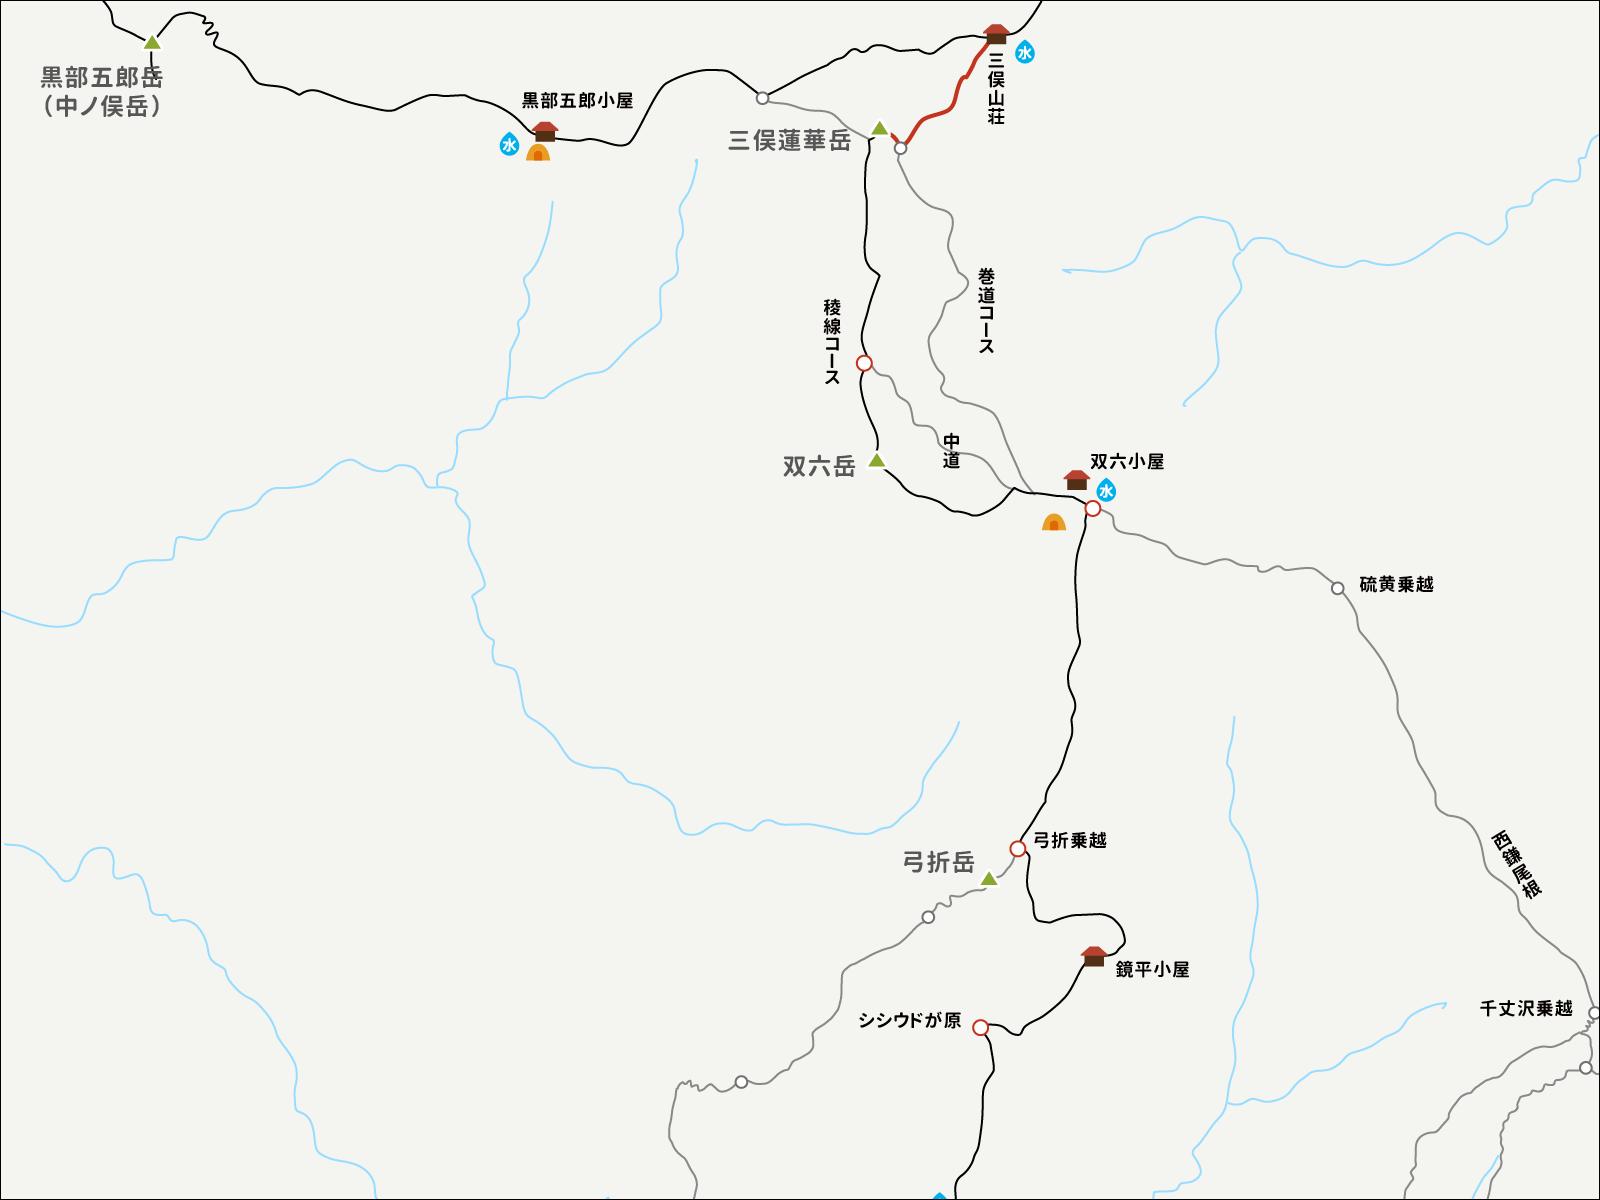 三俣蓮華岳へのイラストマップ